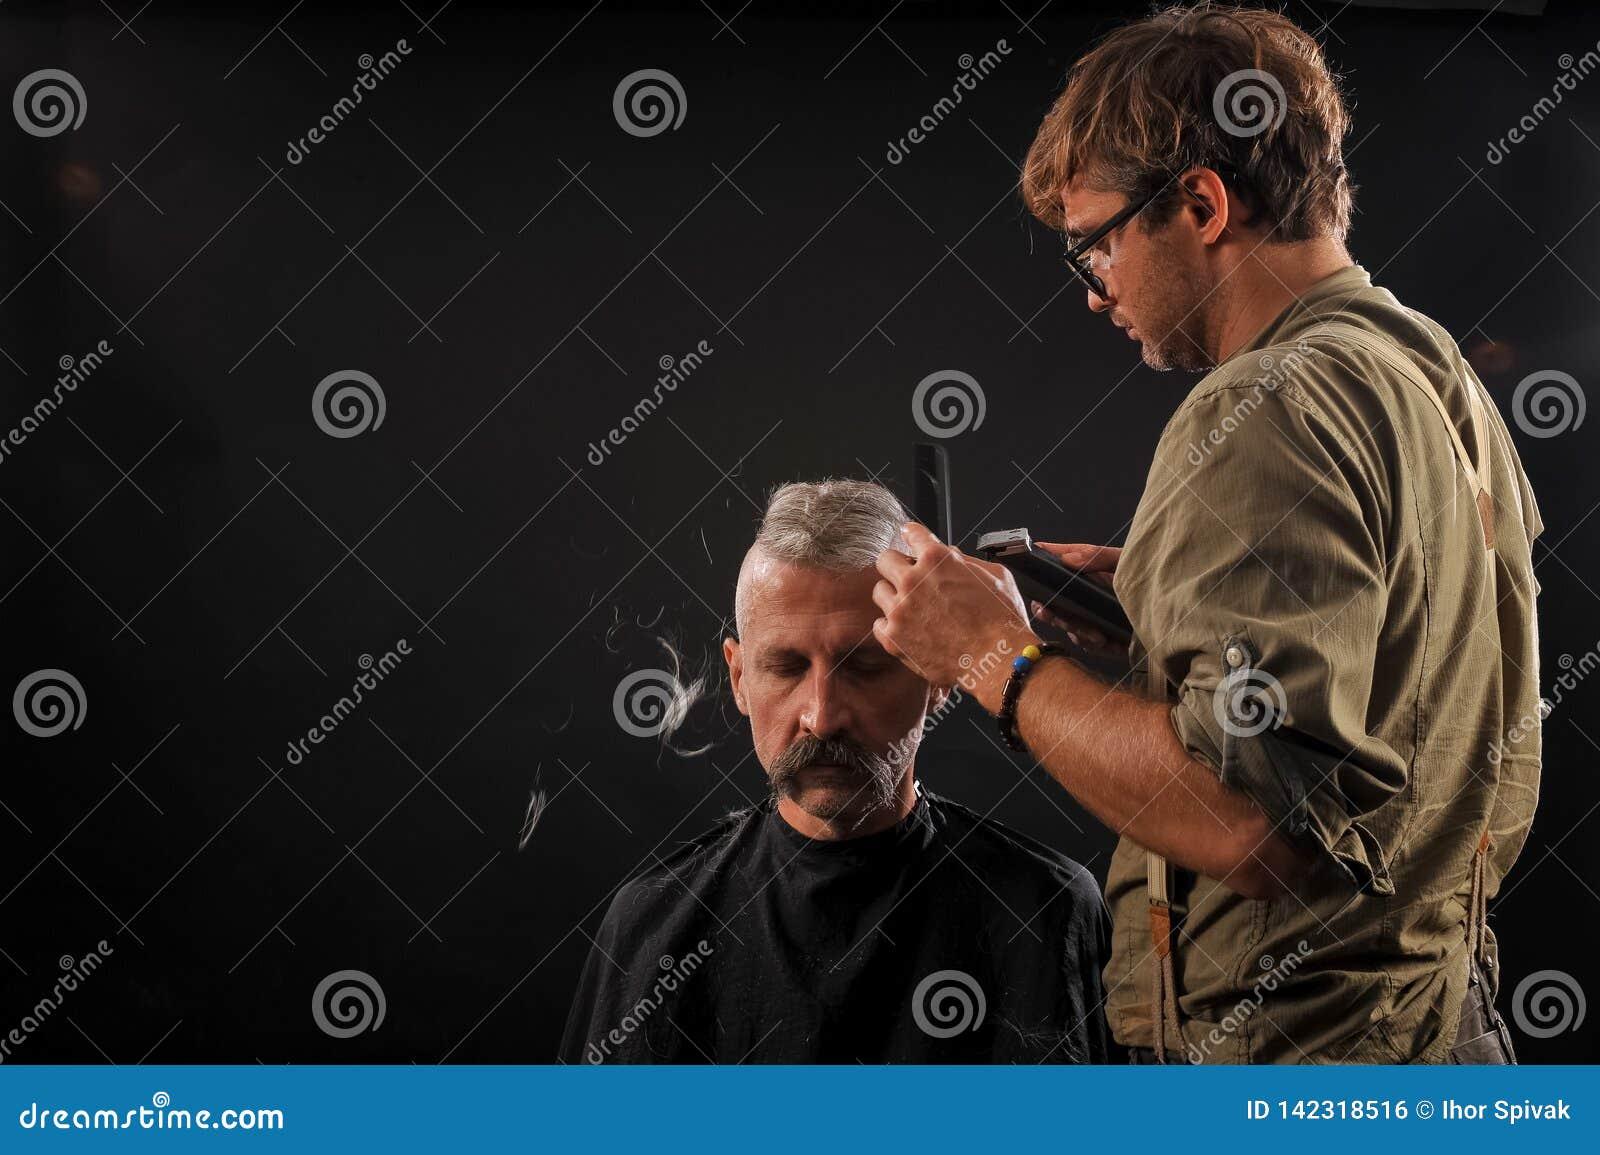 Friseur schneidet älteren Bürger mit einem Bart auf einem dunklen Hintergrund